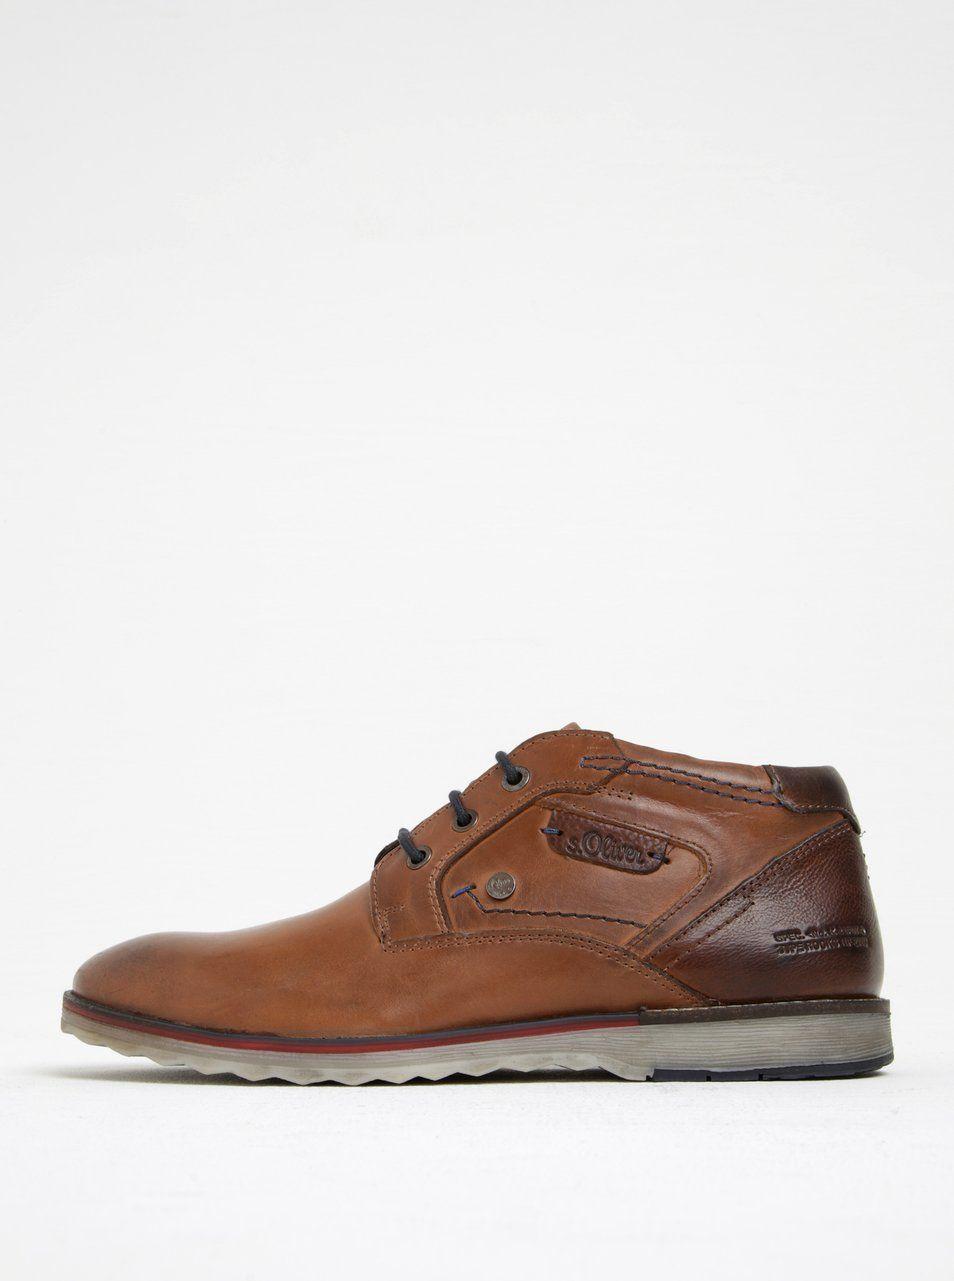 Hnědé pánské kožené kotníkové boty s.Oliver  420ce9ece9b